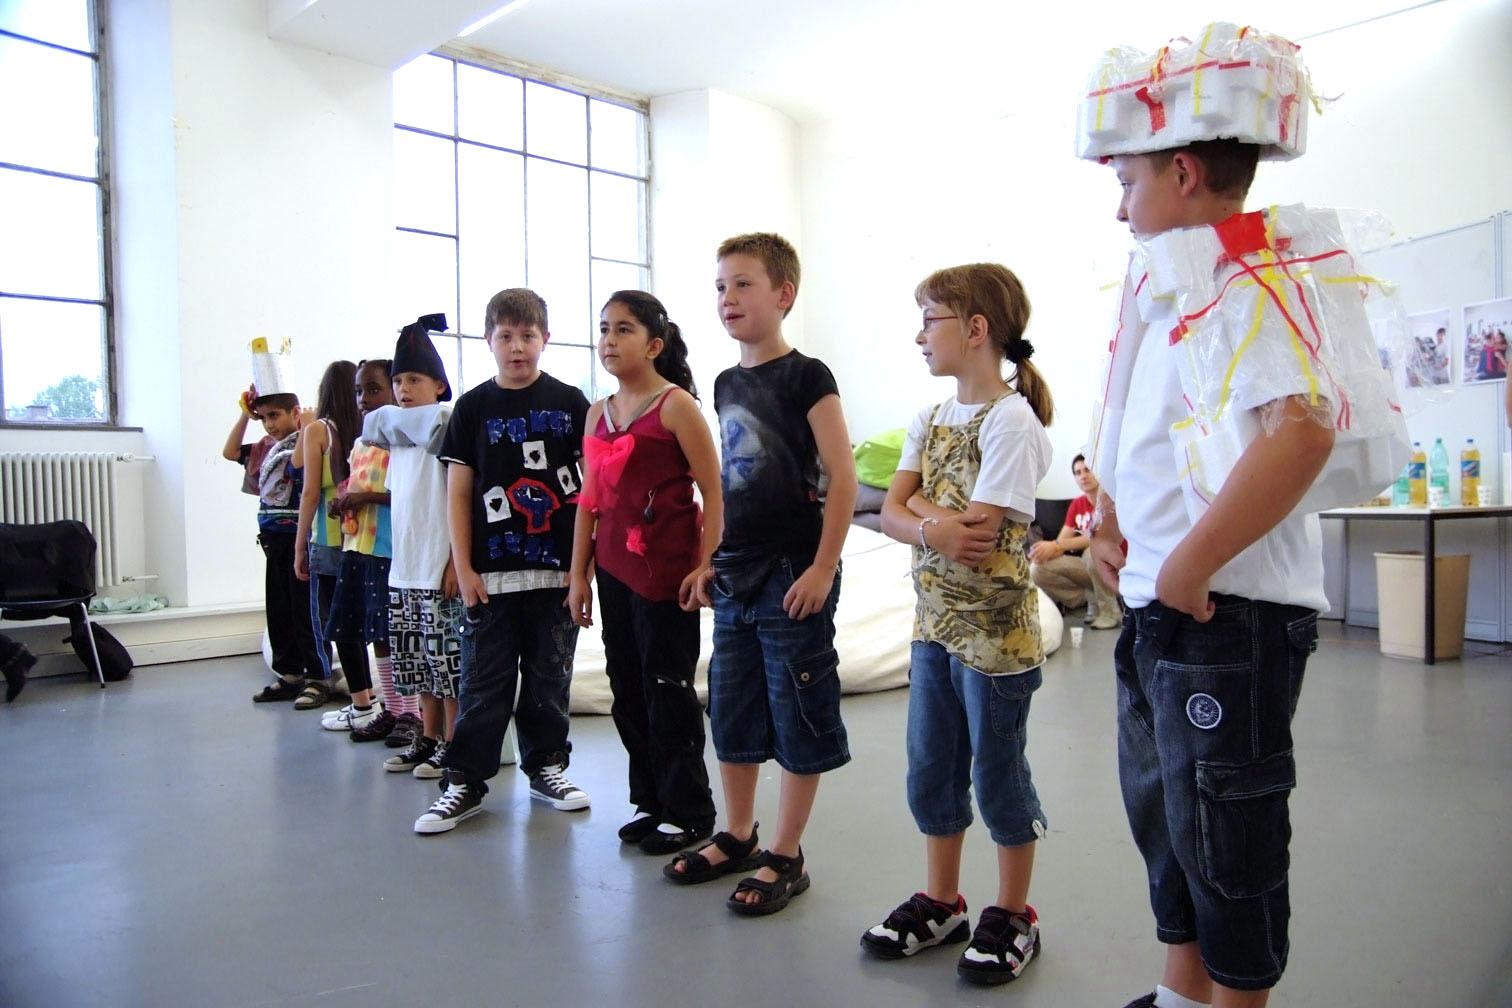 gerrit_schweiger-Rummel-2030-Zukunft-Kinder-Kreativität-Mode-Workshop-Modenschau-Ausstellung-15